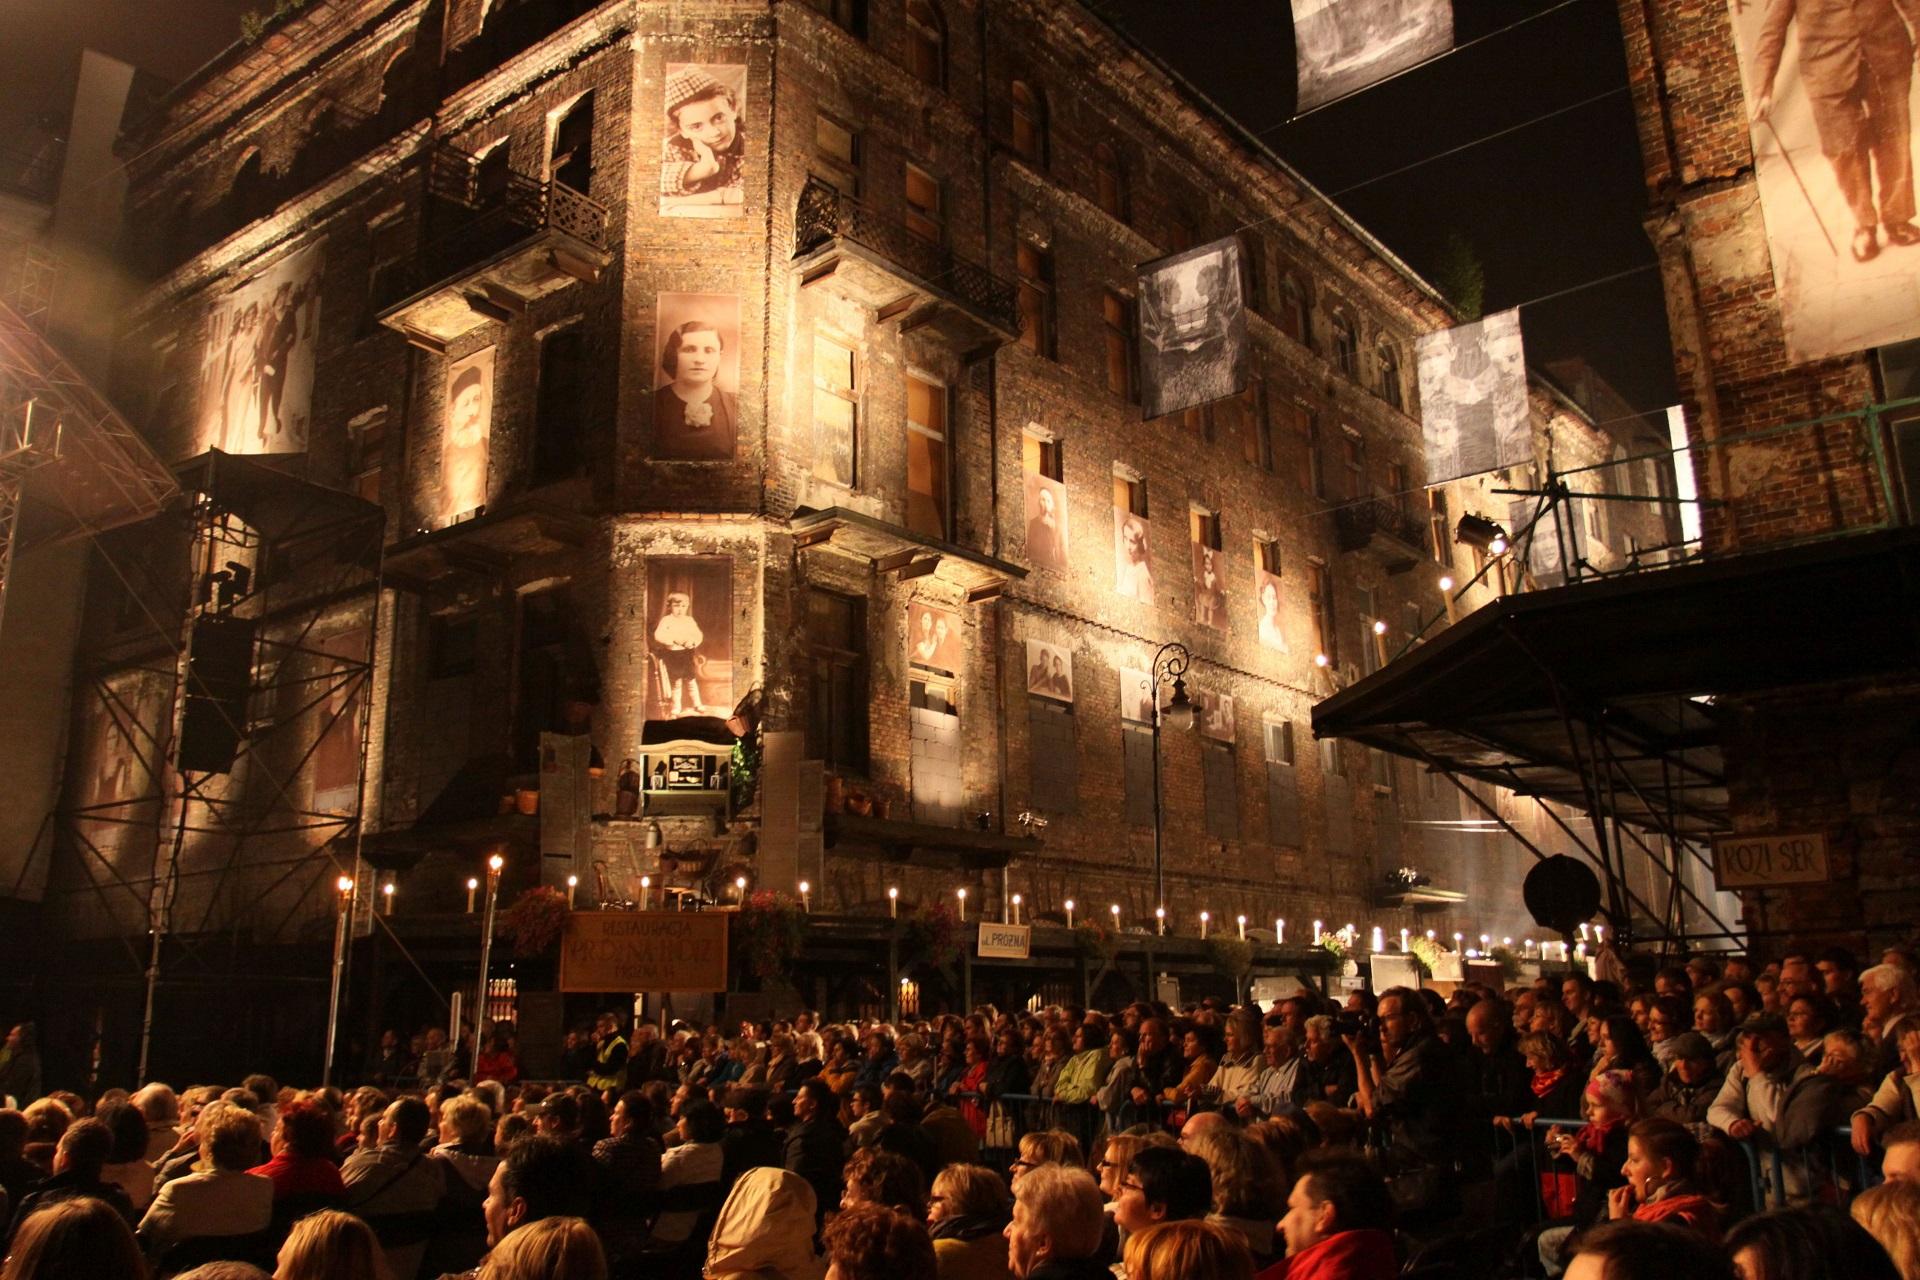 publiczność w czasie koncertu na festiwalu w tle stara zrujnowana kamienica